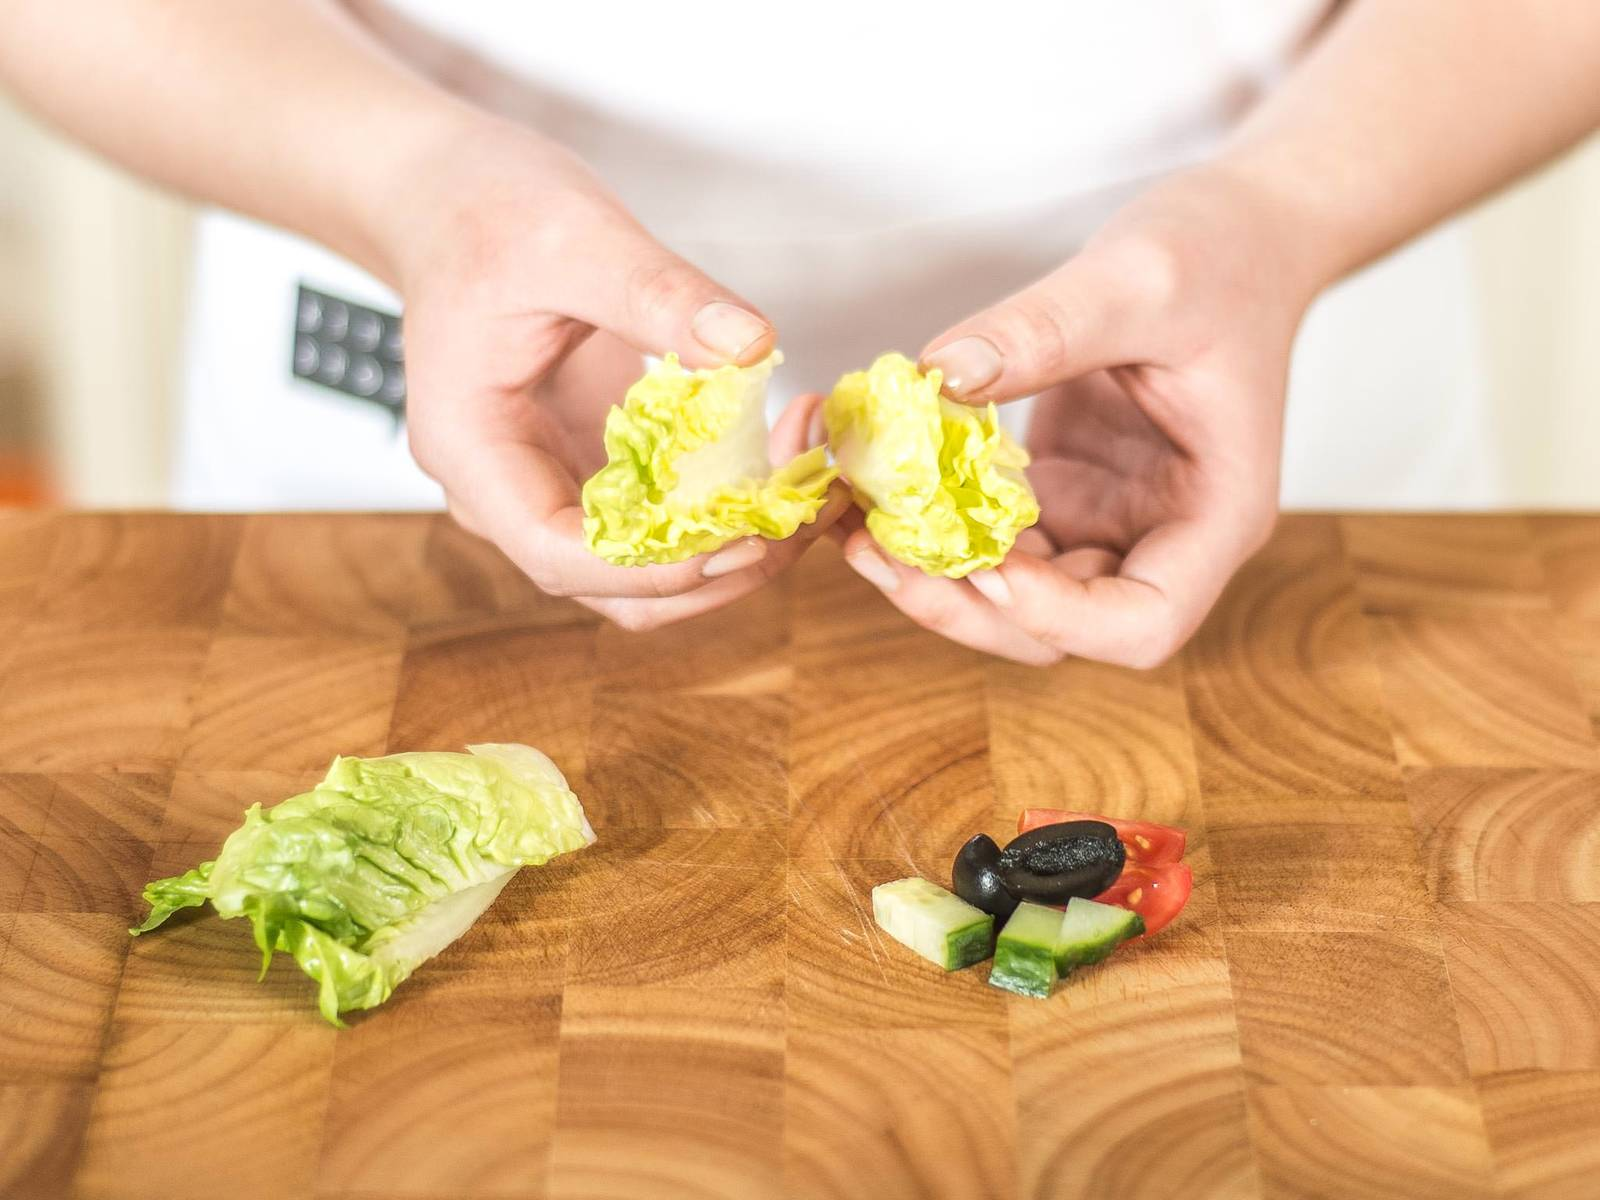 将橄榄与樱桃番茄切半,黄瓜切块。罗马生菜芯洗净,用手撕成块。